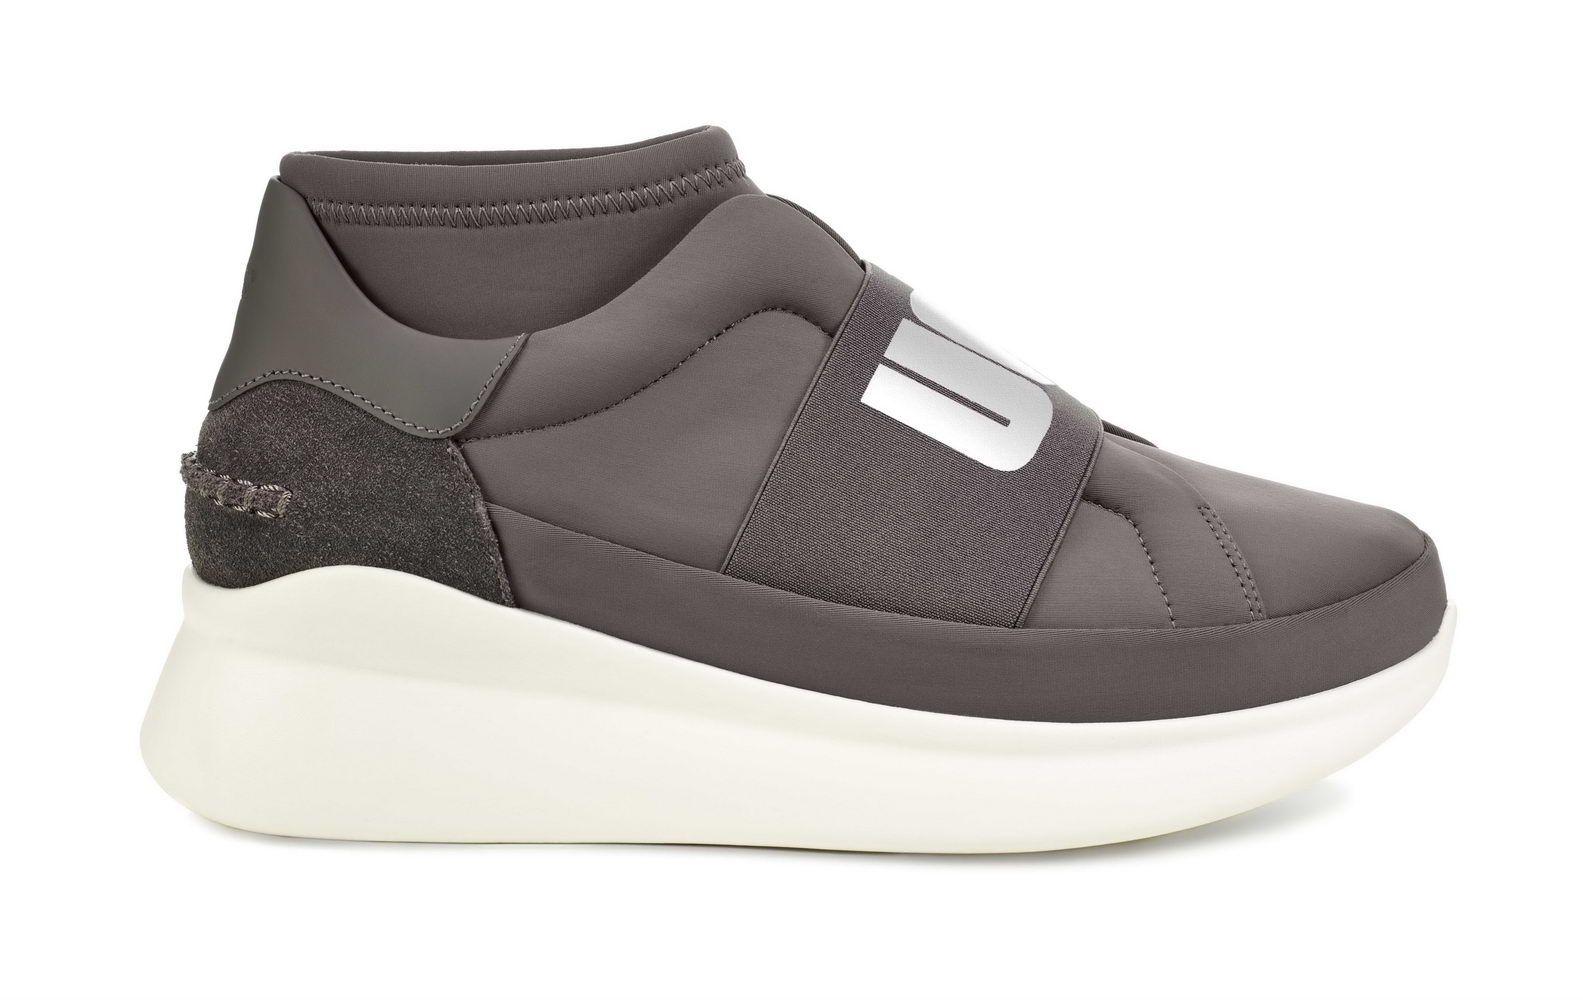 W_Neutra_Sneaker_(1095097-CHRC)_(1).PVP.139.00__resize